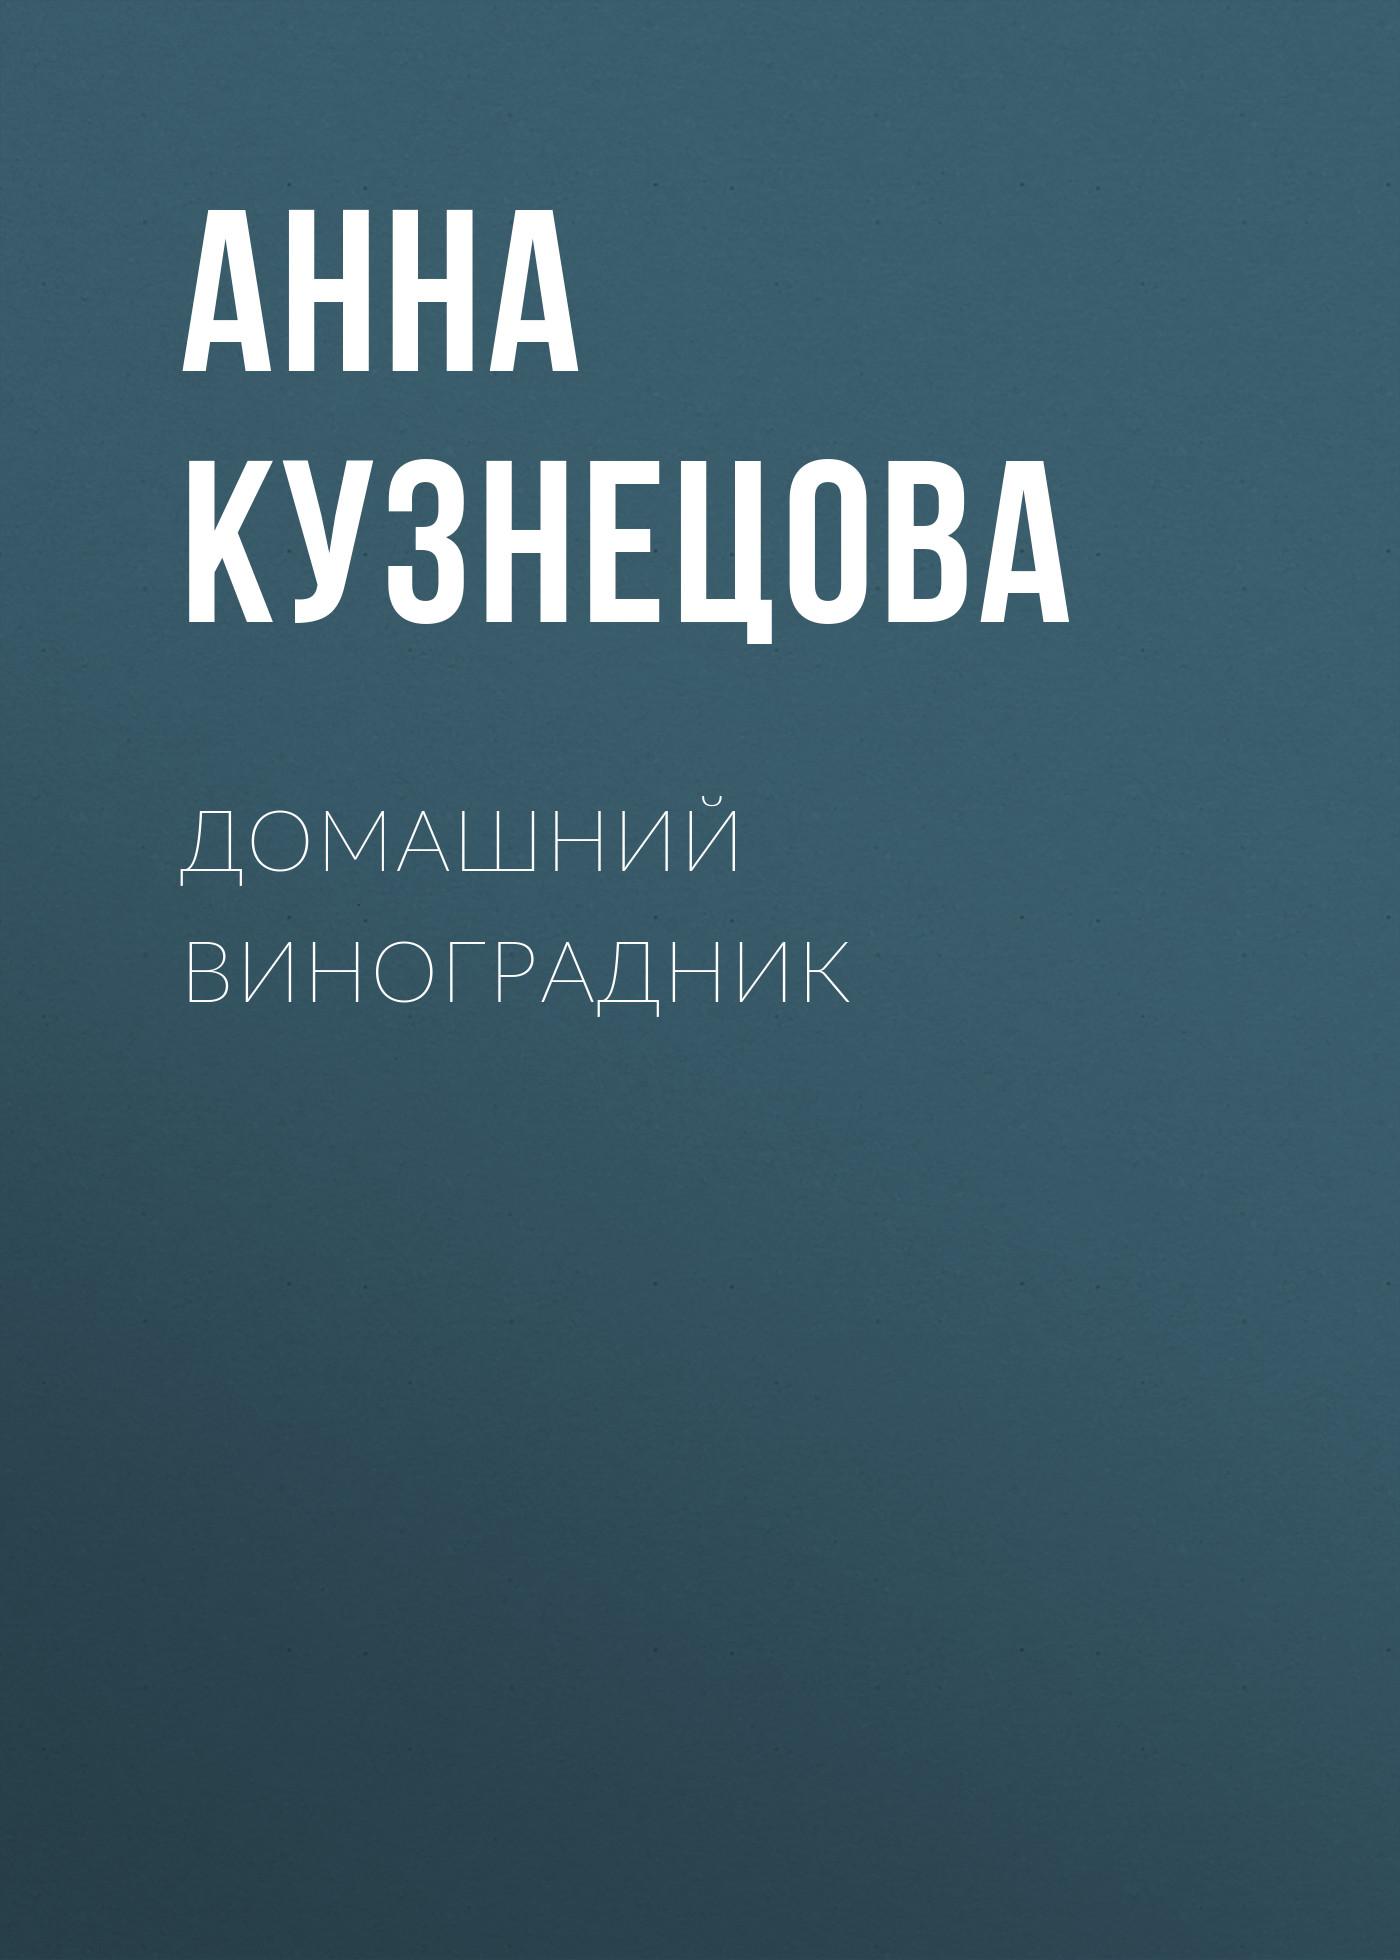 Анна Кузнецова Домашний виноградник татьяна плотникова ваш домашний виноградник